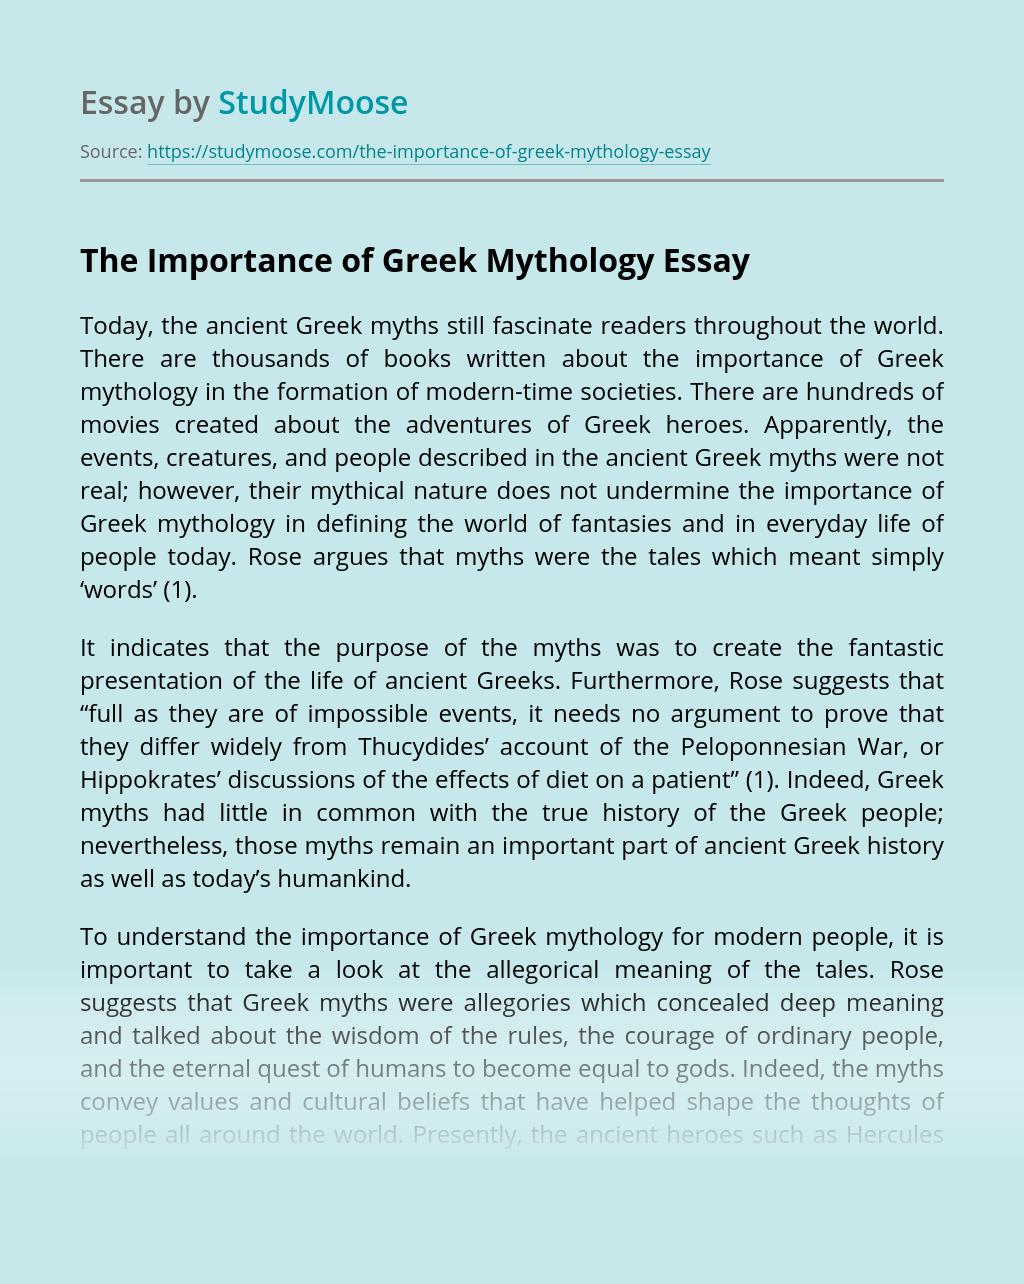 The Importance of Greek Mythology